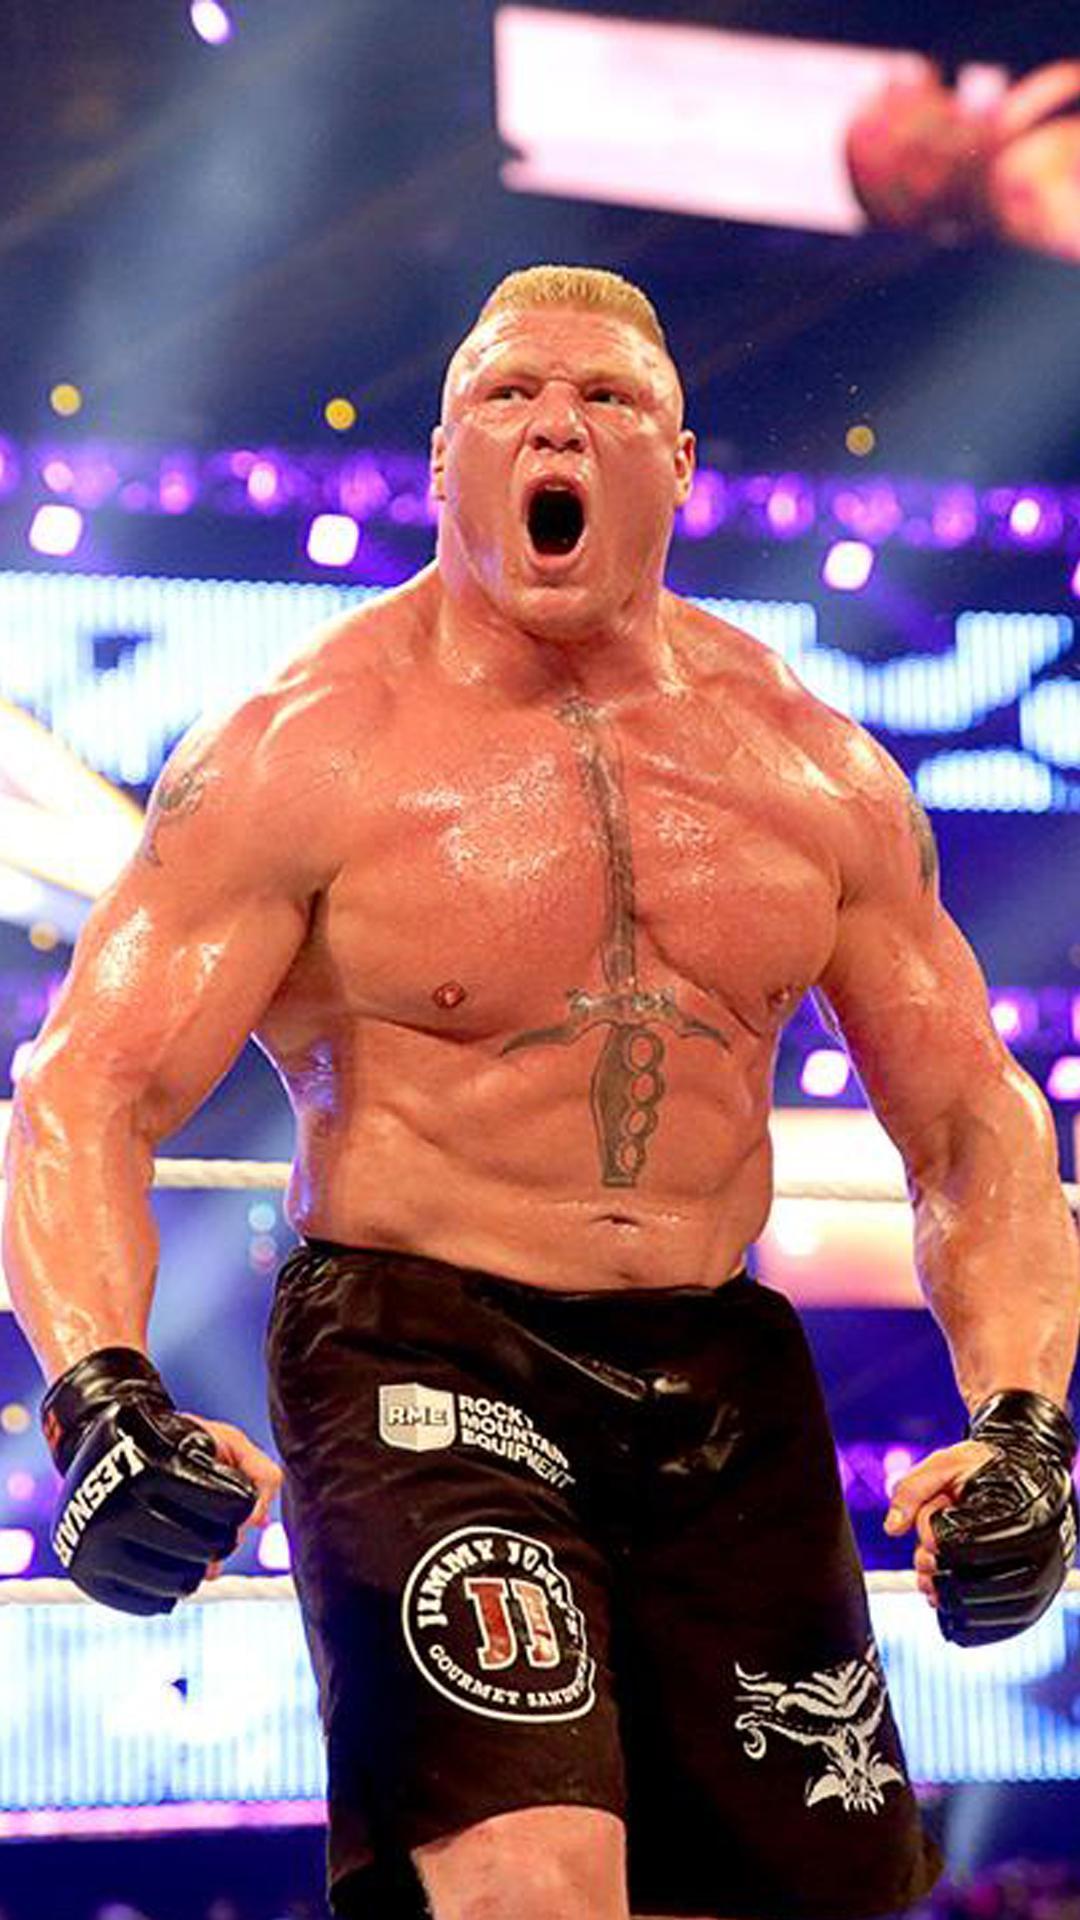 WWE Brock Lesnar New Wallpapers 2017 - Wallpaper Cave